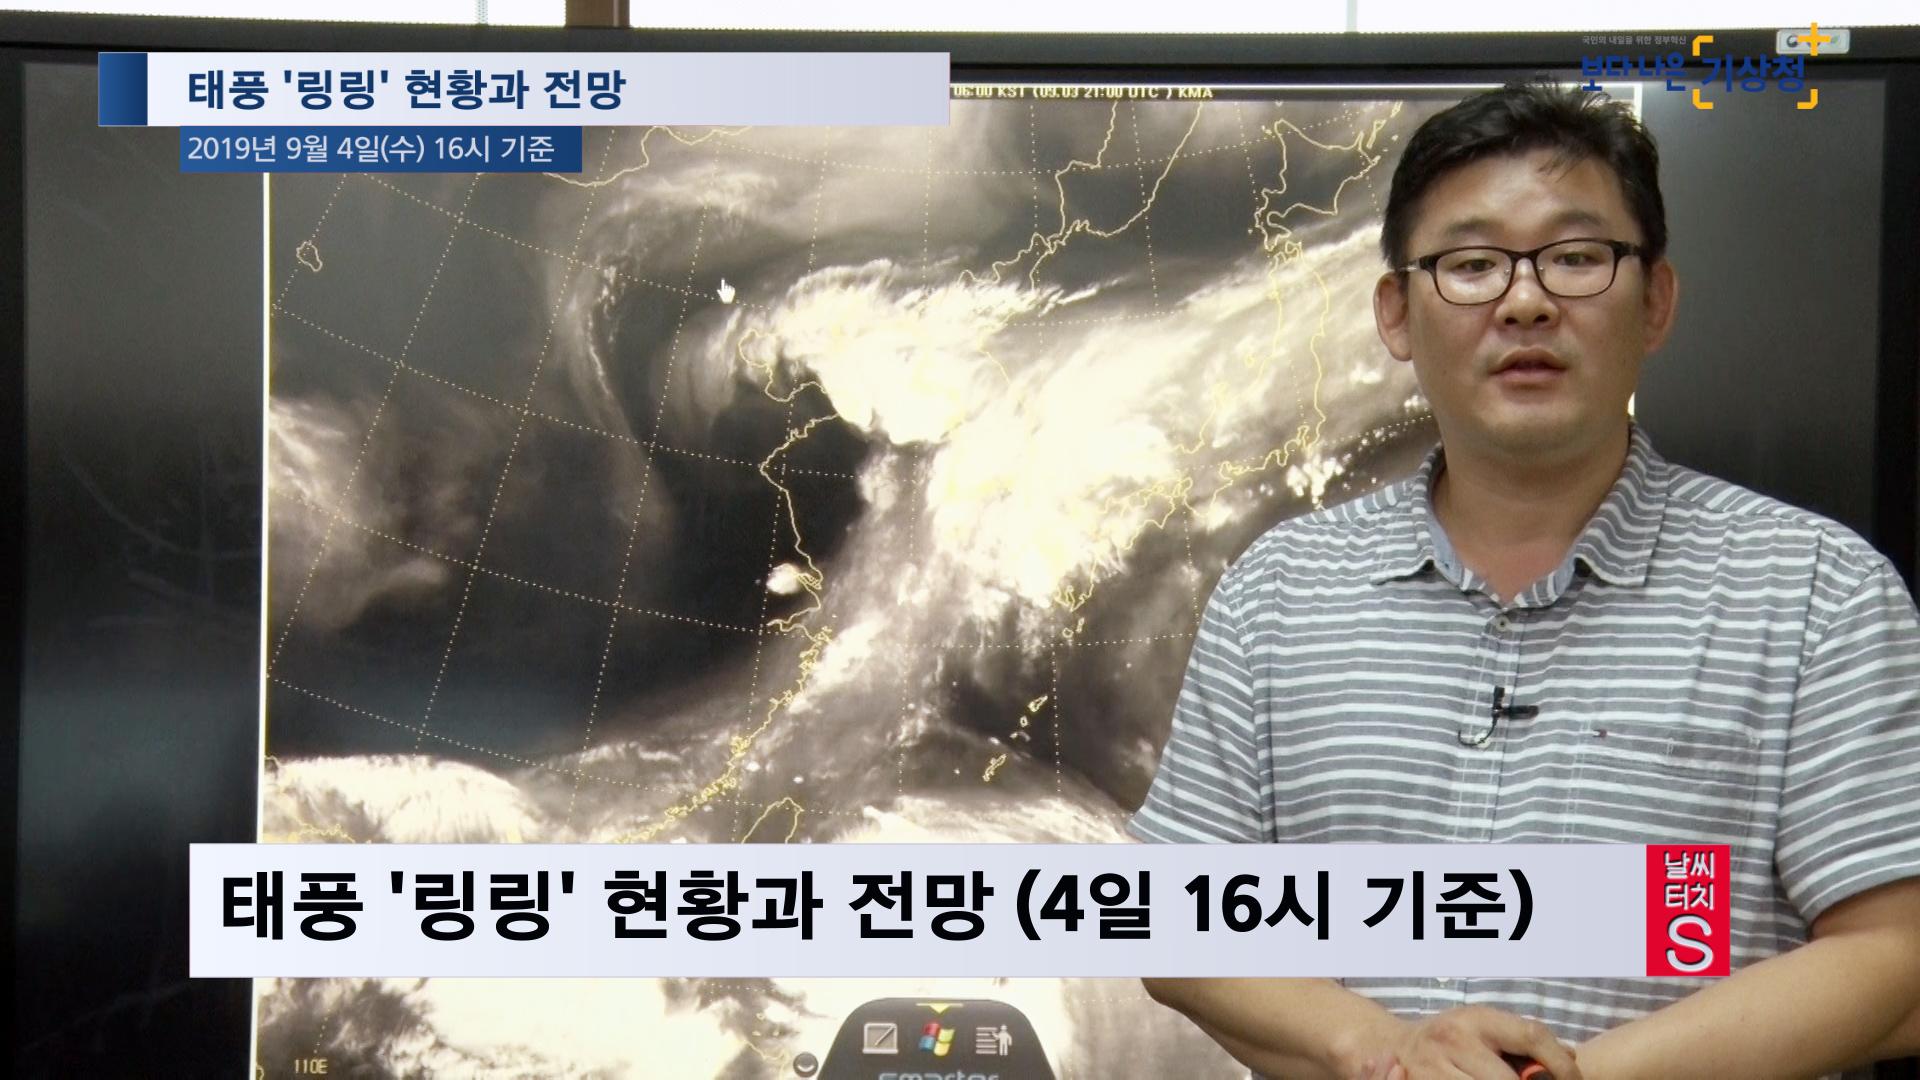 태풍 ´링링´ 현황과 전망 (4일 16시 기준)